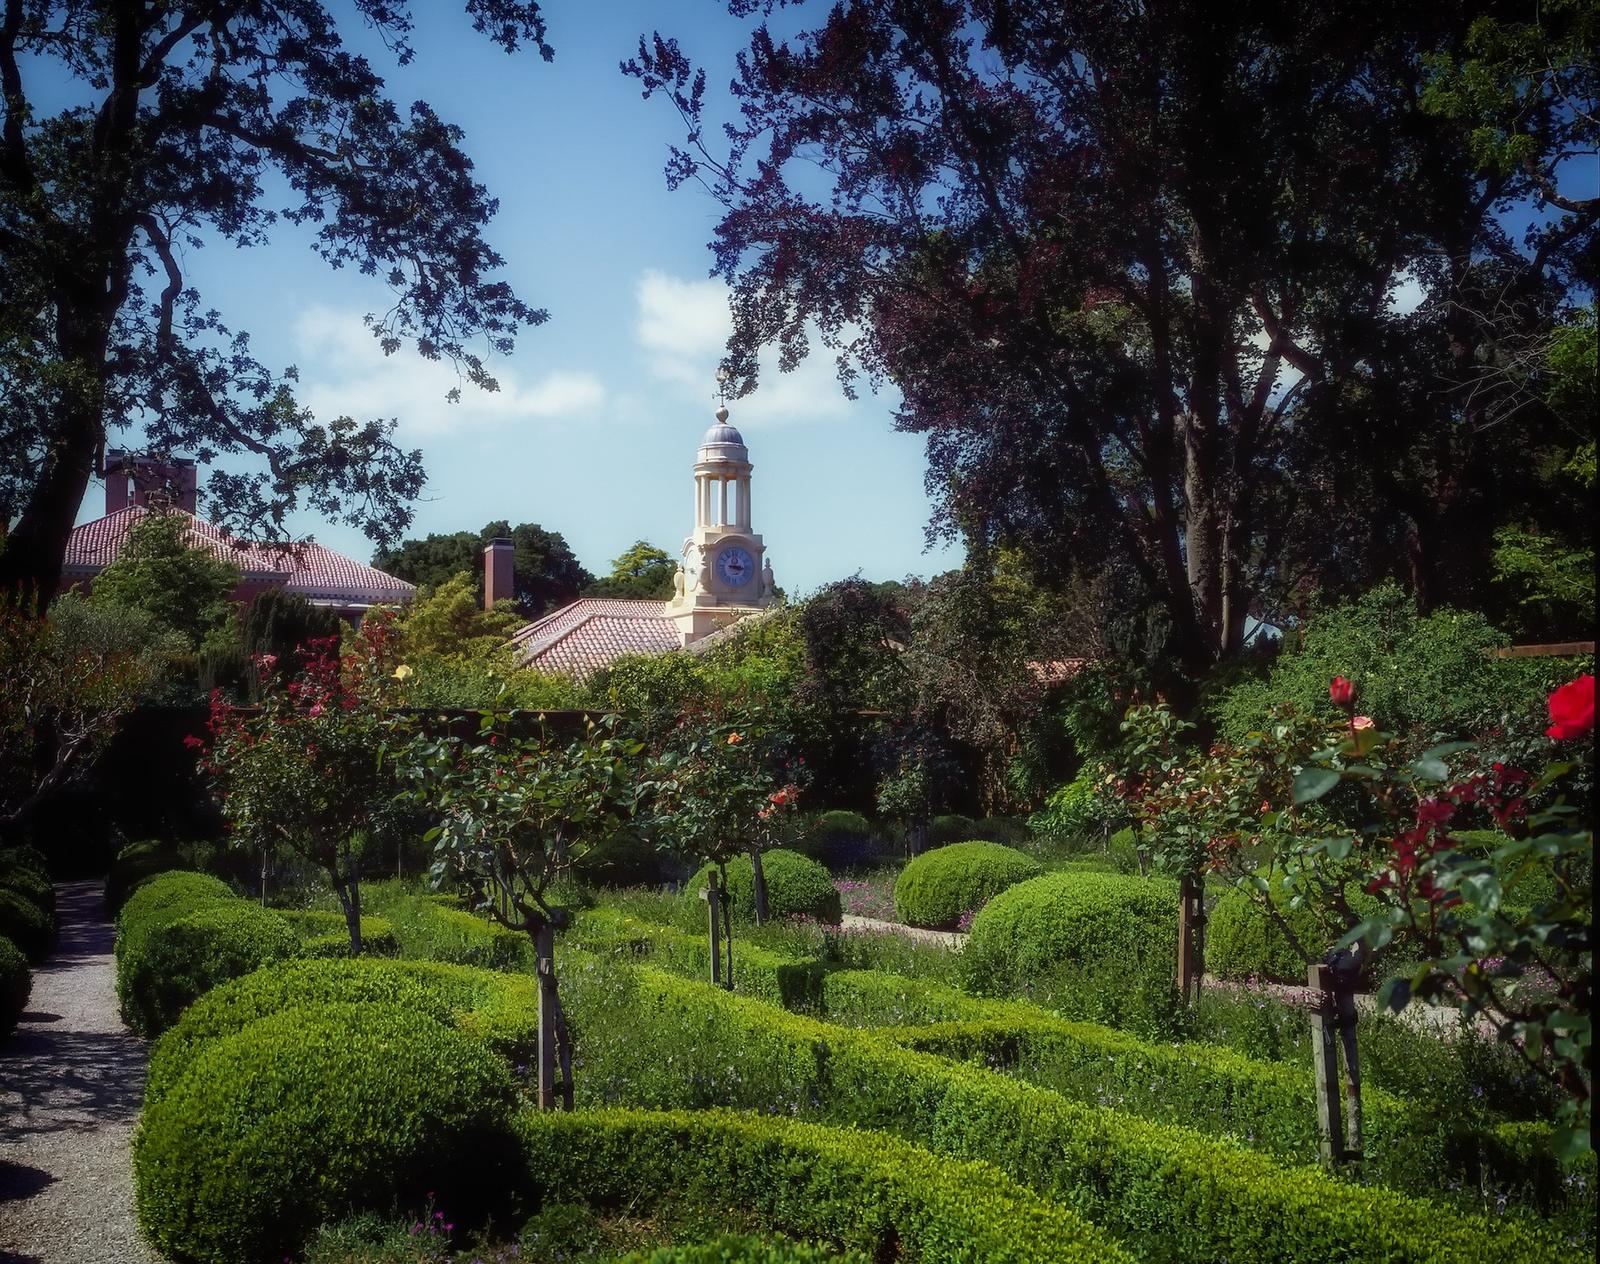 Filoli Estate and gardens